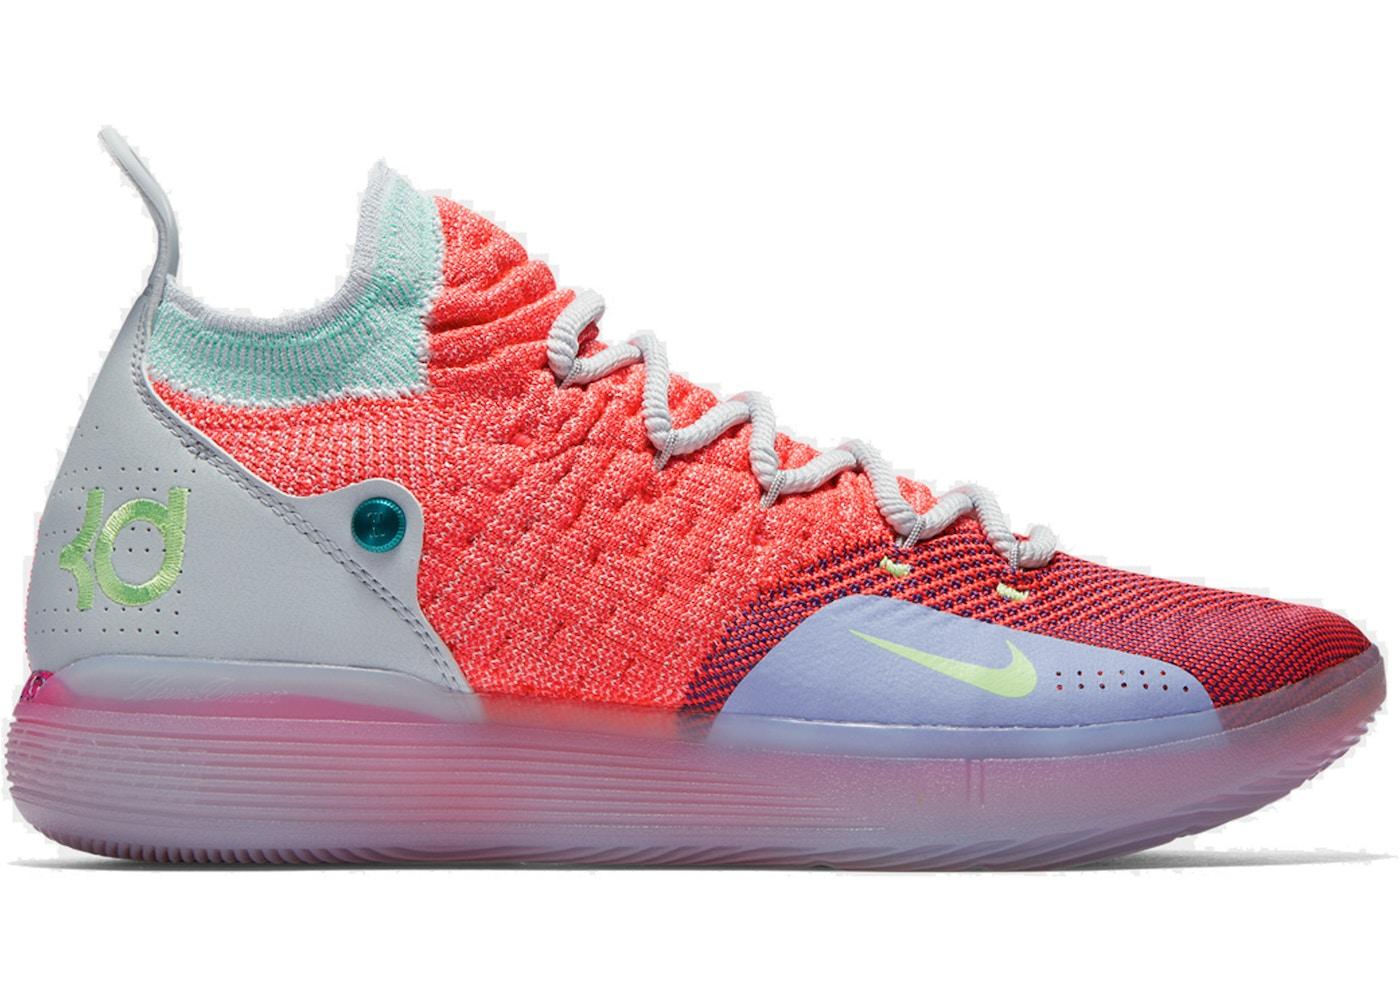 a84f9da179a Buy Nike KD Shoes   Deadstock Sneakers